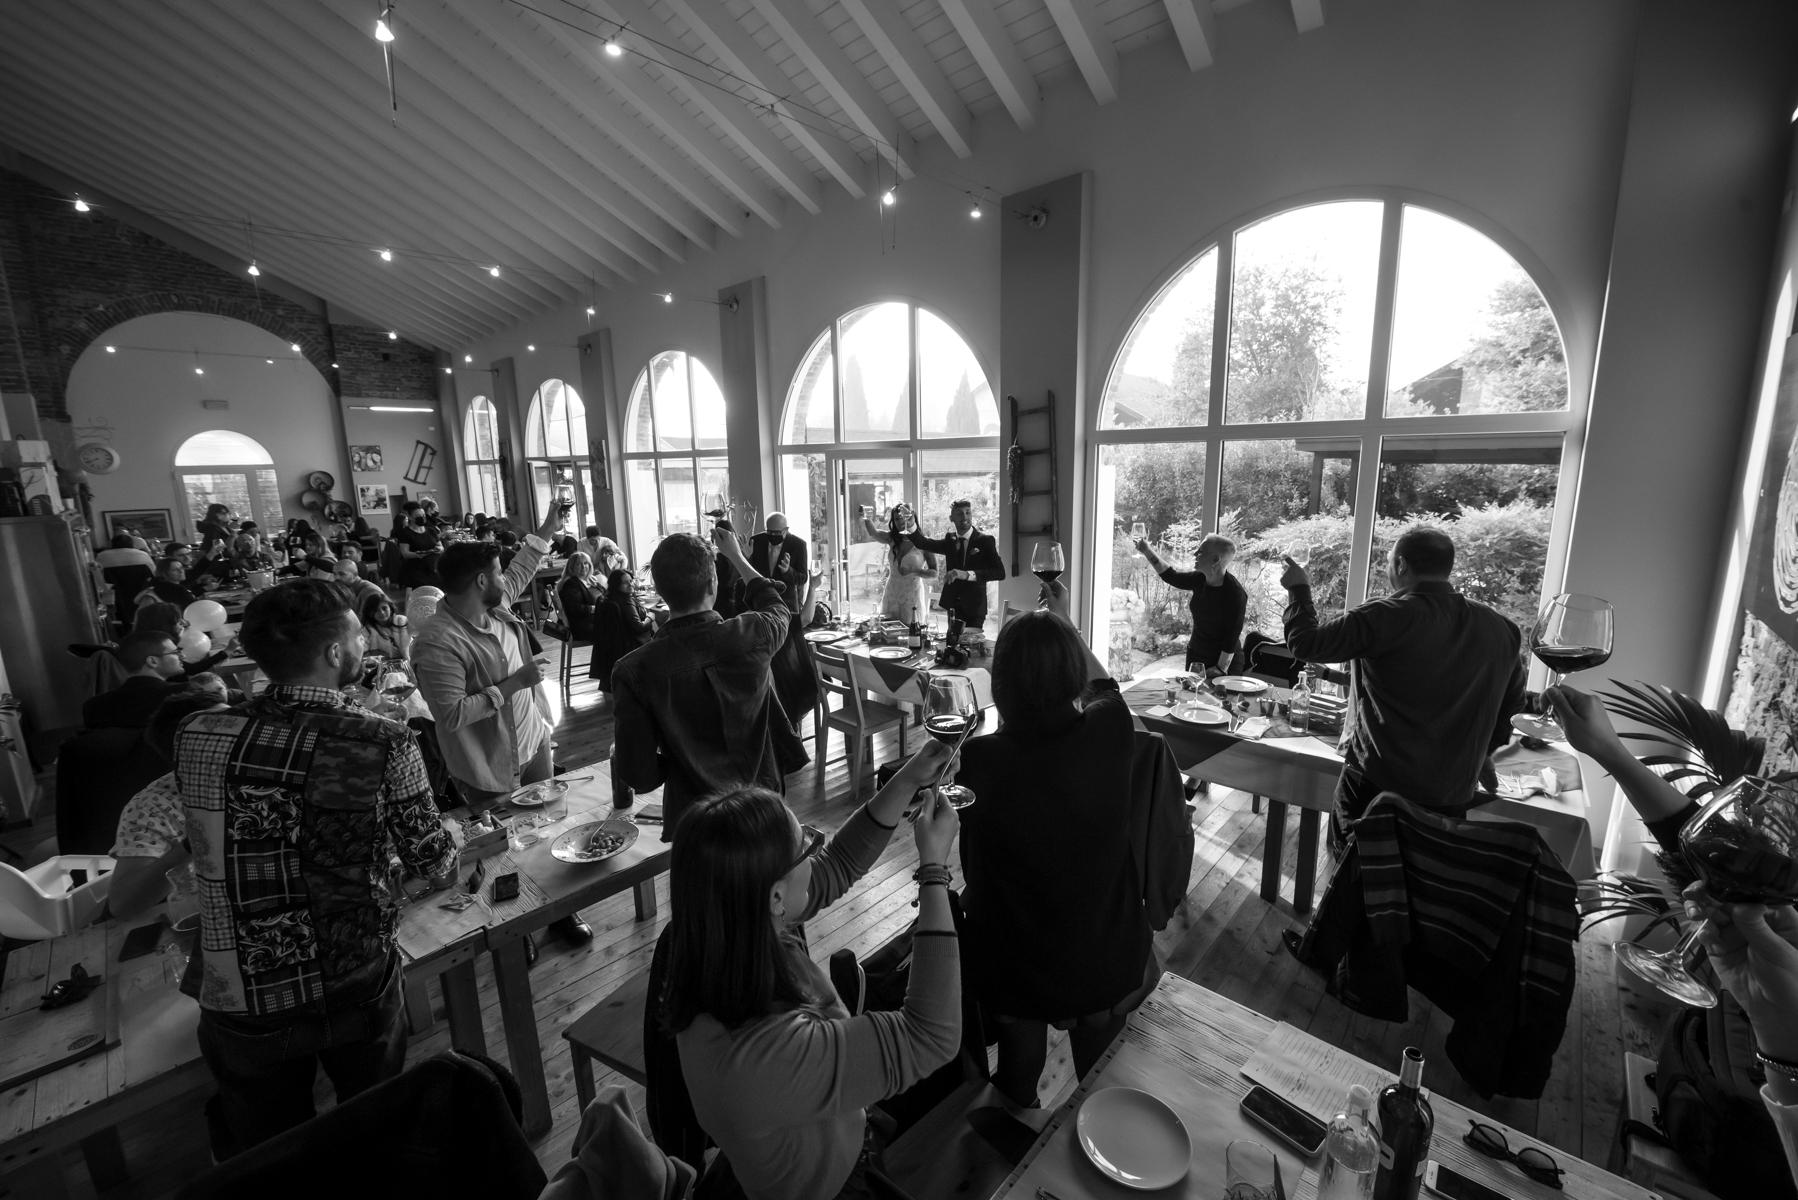 Agriturismo Corte Barco Hochzeitsbilder | Sie konnten nicht Tische mit mehr als sechs Personen haben